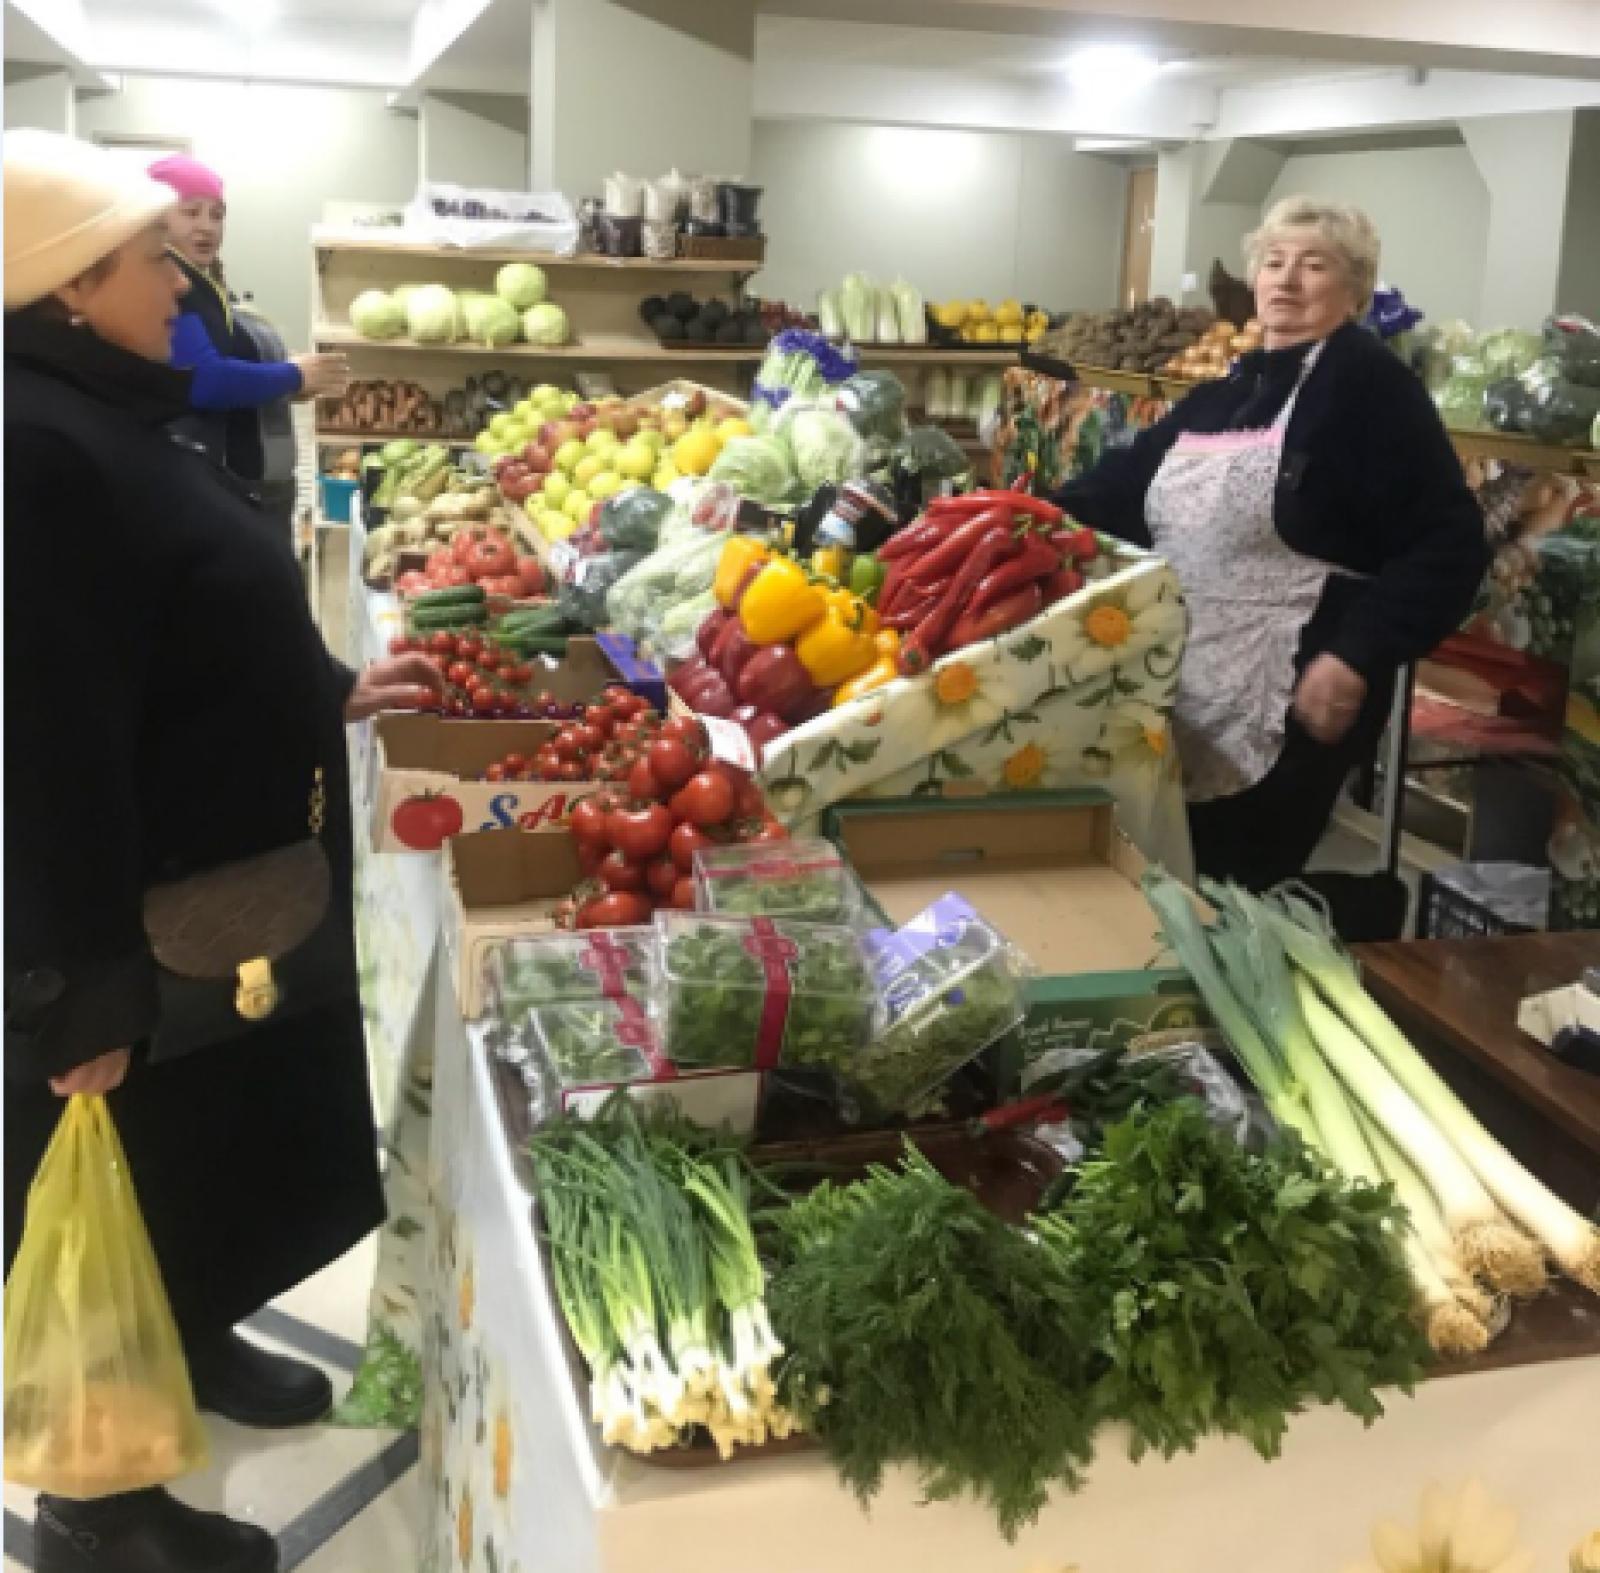 """(foto) Piața """"Alioshina"""" din sectorul Rîșcani și-a reluat activitatea în subsolul Centrului Comercial """"Soiuz"""". Noile reguli pentru agenții economici"""